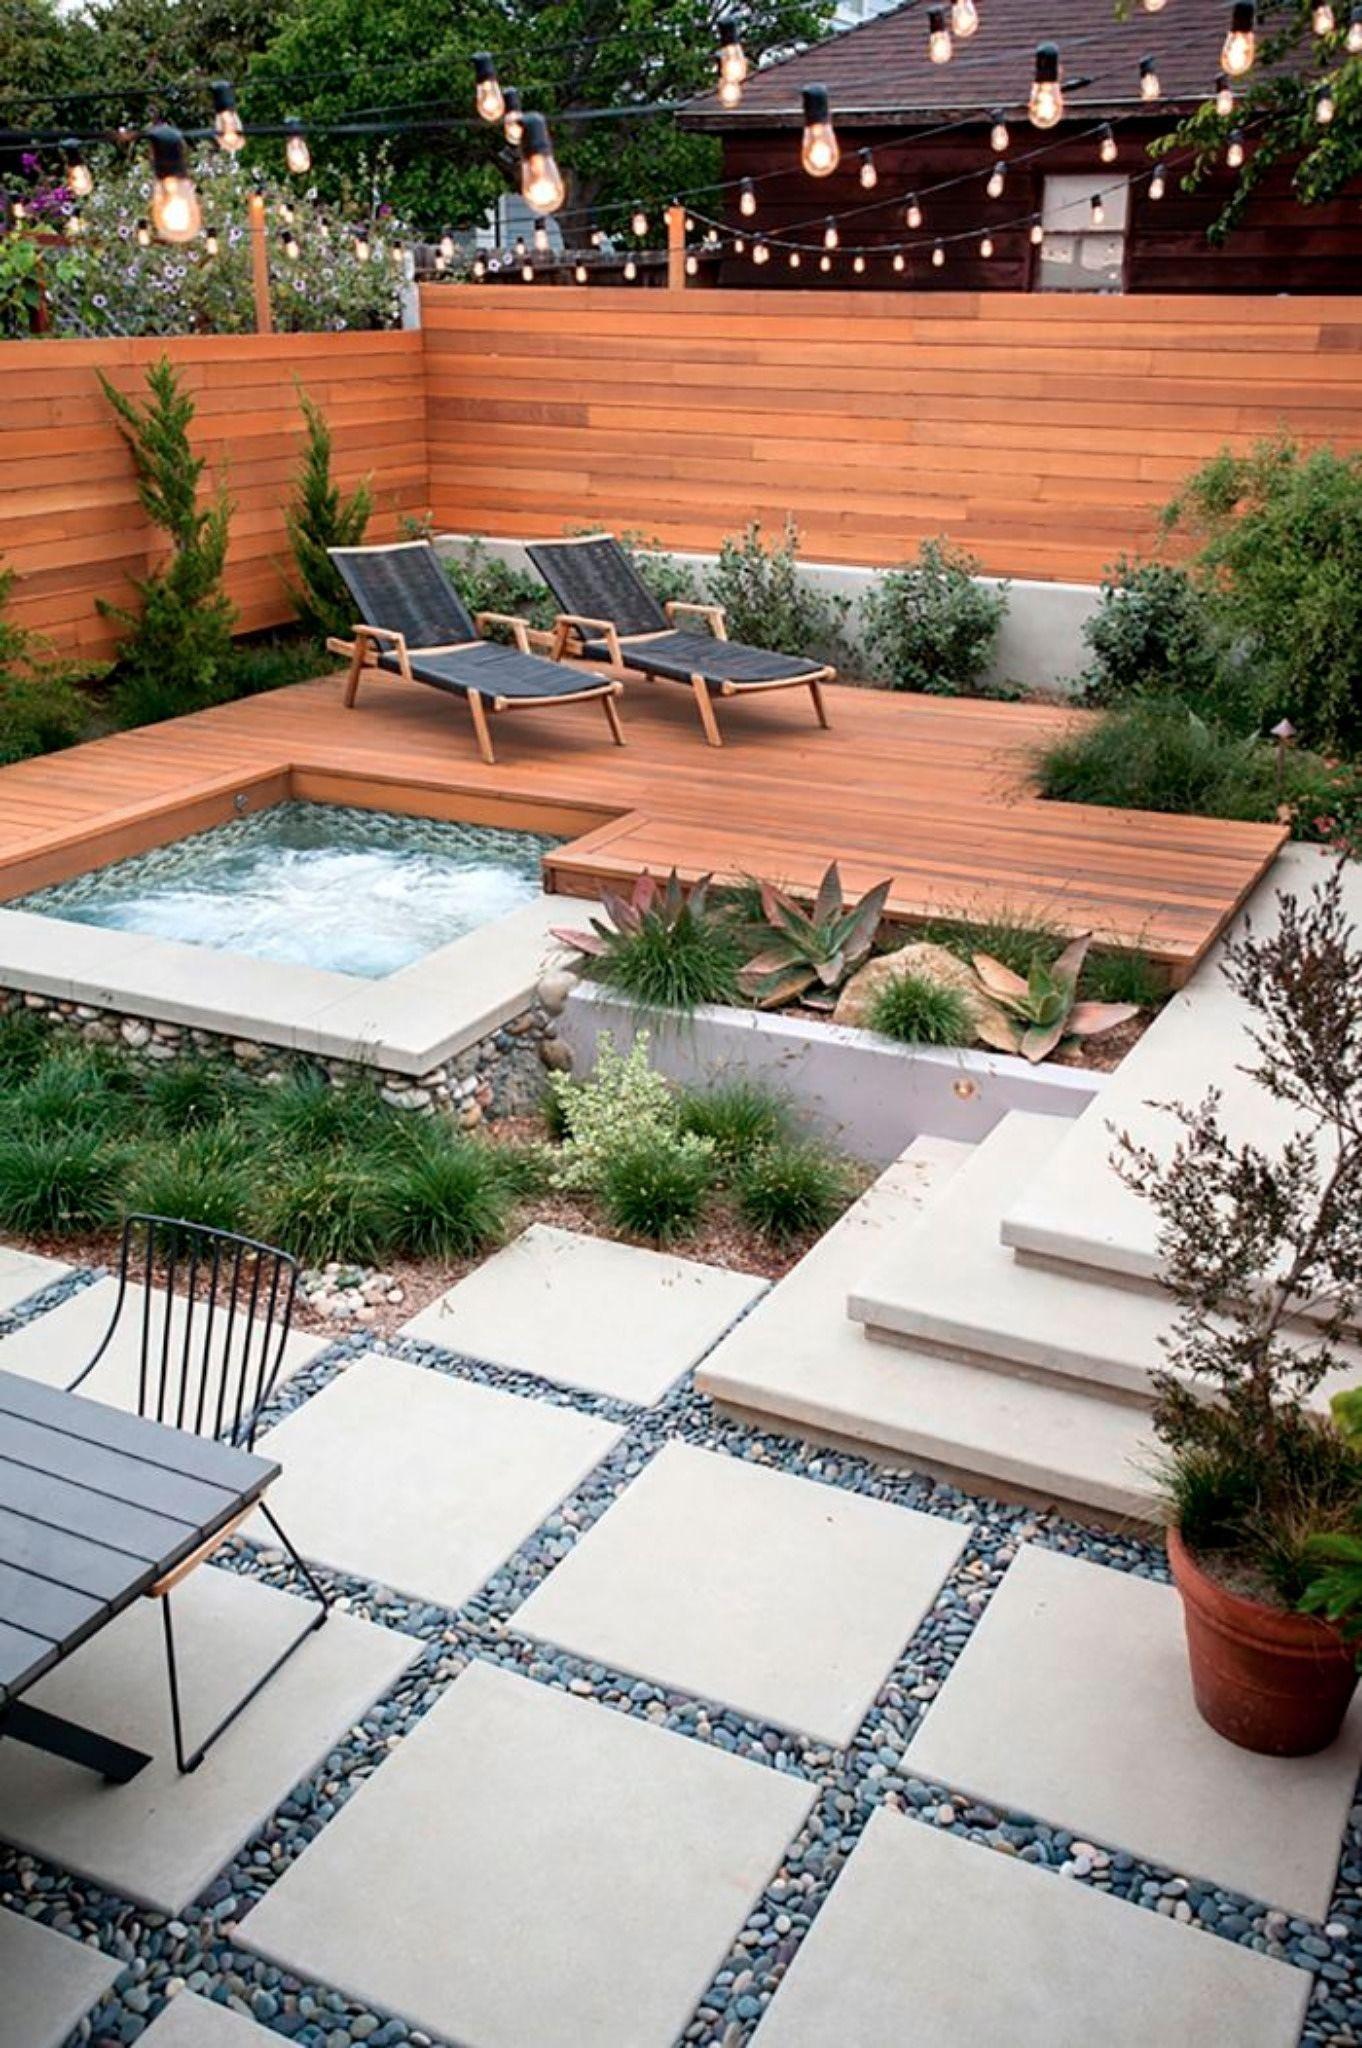 15 Jardins Repérés Sur Pinterest Dont On Aimerait Être ... encequiconcerne Aménagement Jardin Avec Spa